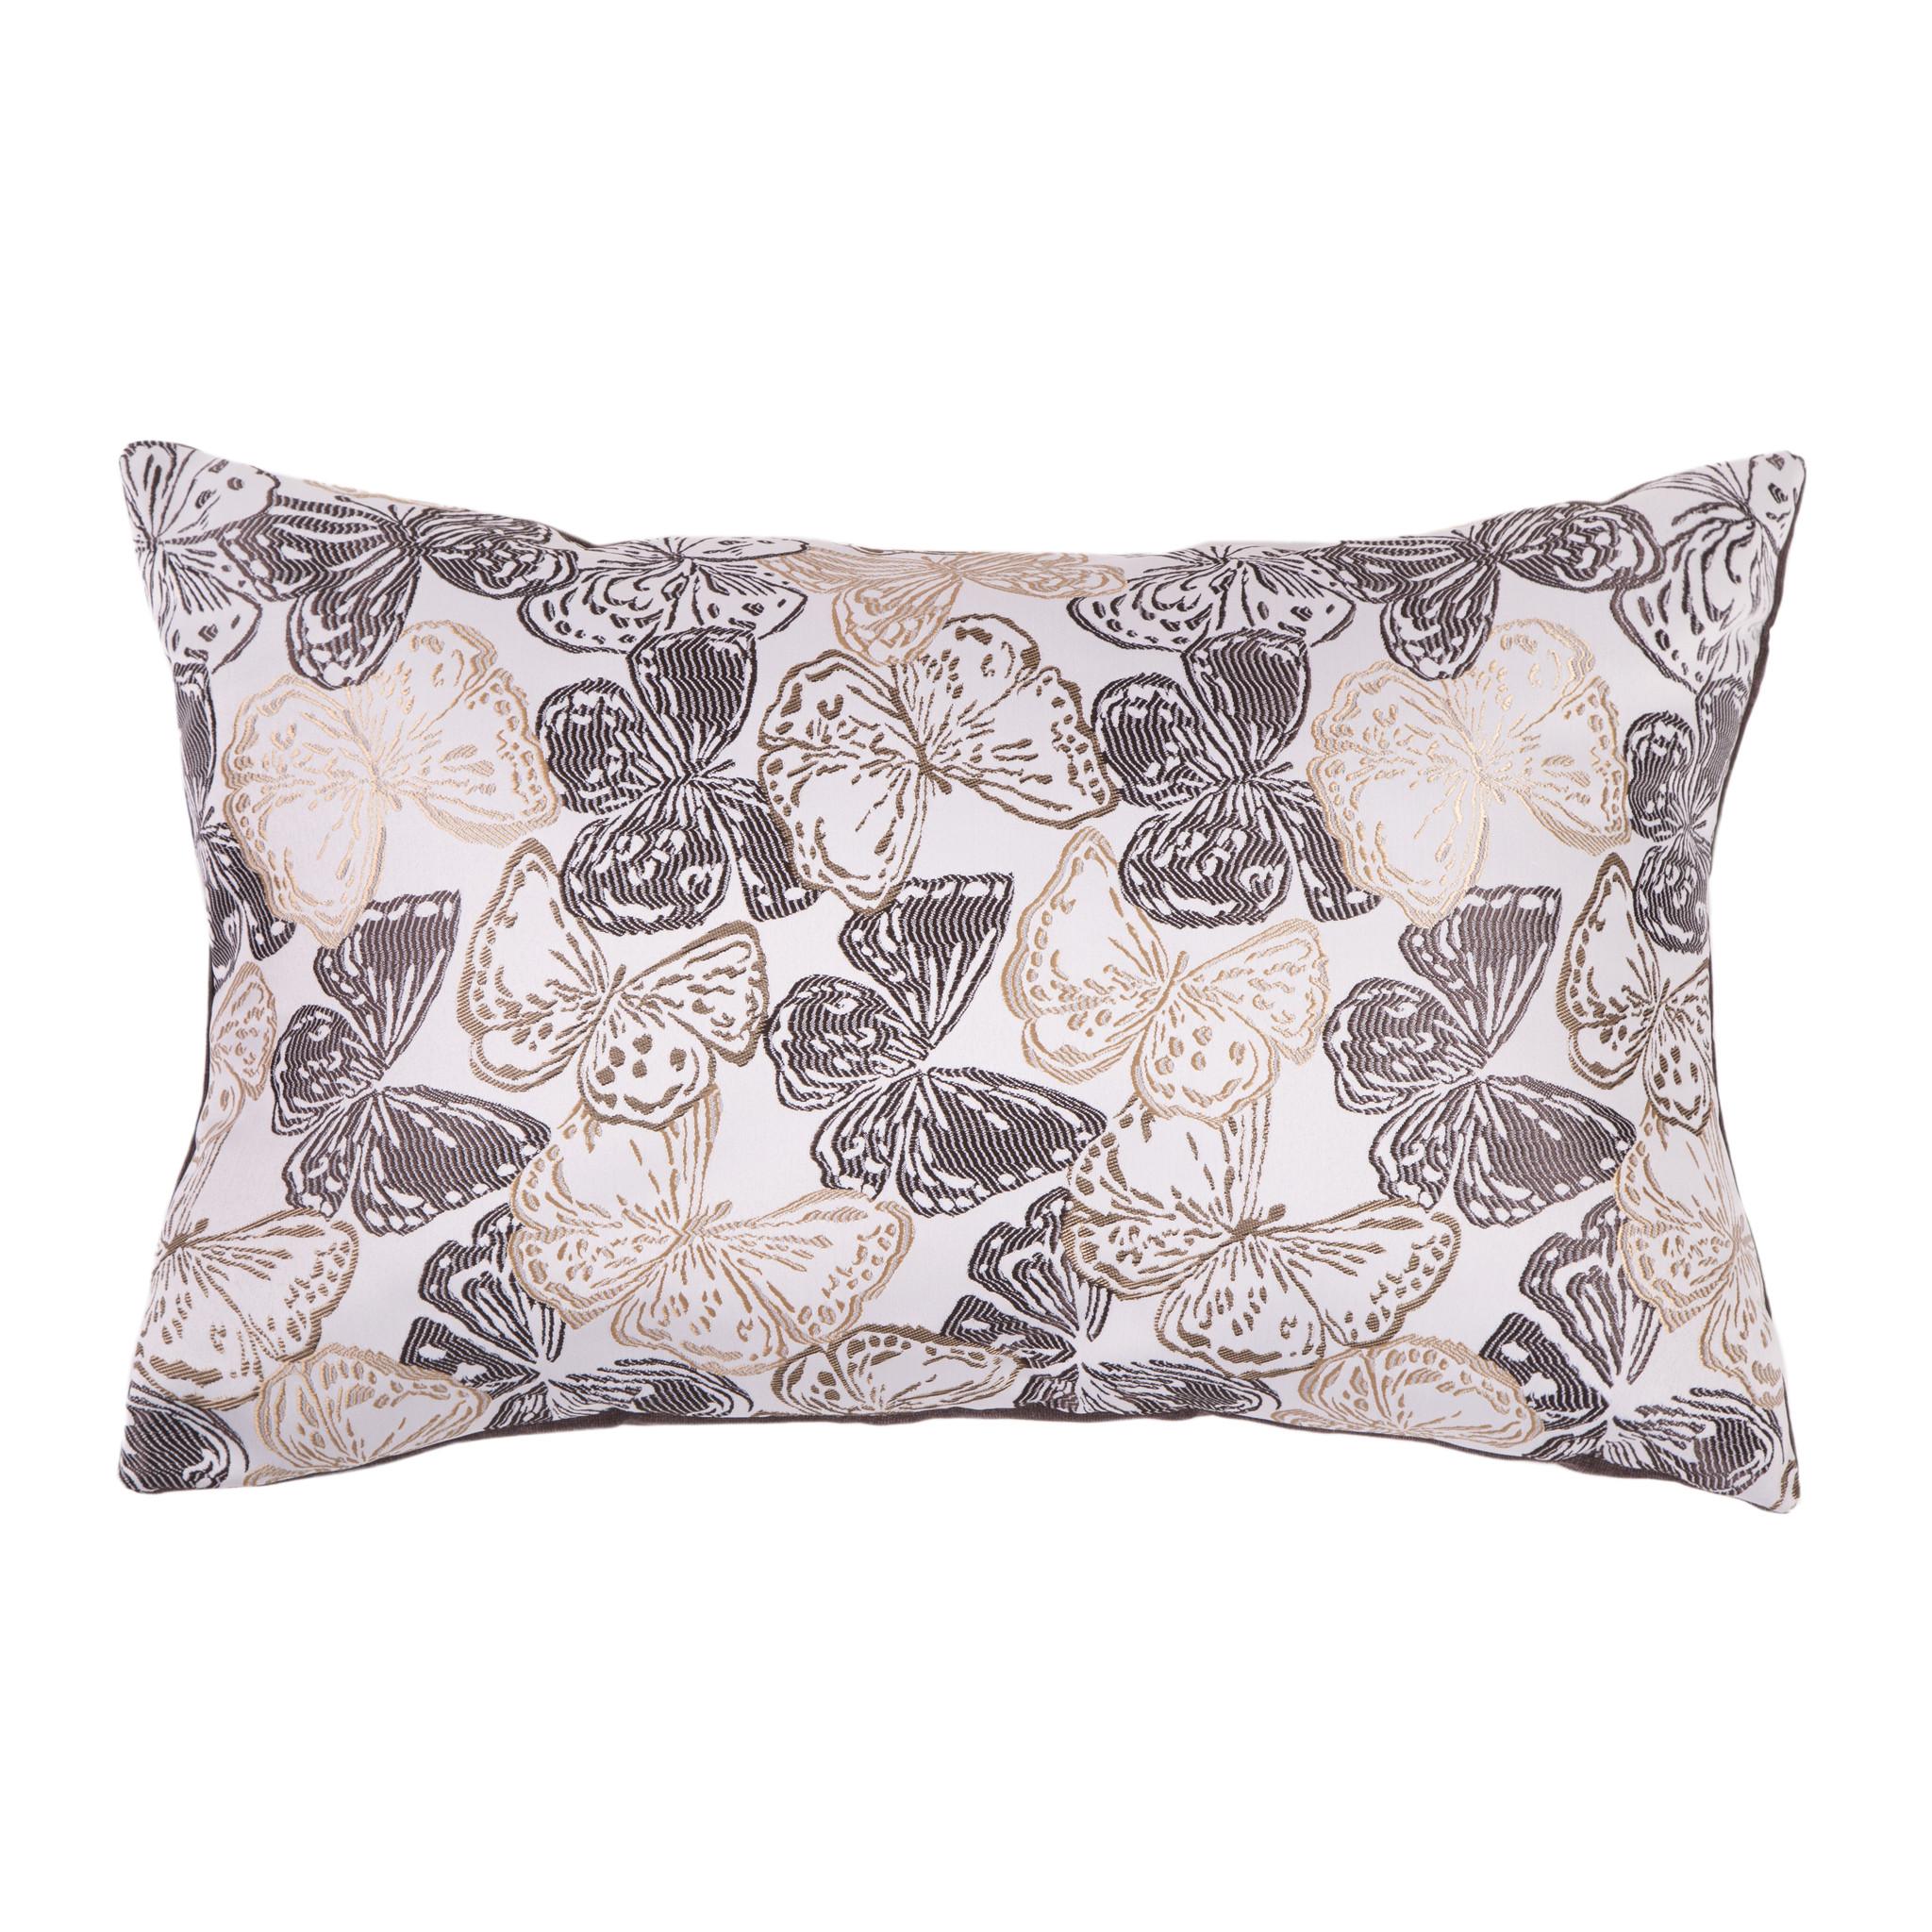 Подушка Шоколадные бабочкиПрямоугольные подушки и наволочки<br>Двусторонняя декоративная подушка &amp;quot;Шоколадные бабочки&amp;quot; станет ярким акцентом в вашем интерьере. На одной стороне принт с красочными бабочками солнечных тонов, на другой стороне - нежный велюр сделают пространство комнаты веселым и радостным.  Высококачественный материал приятен для кожи и безопасен даже для самой чувствительной кожи.  Оригинальный дизайнерский принт сделает пространство стильным и своеобразным.  Красивый рисунок на ткани станет ярким акцентом в вашем декоре.<br><br>Material: Текстиль<br>Ширина см: 60<br>Высота см: 40<br>Глубина см: 10